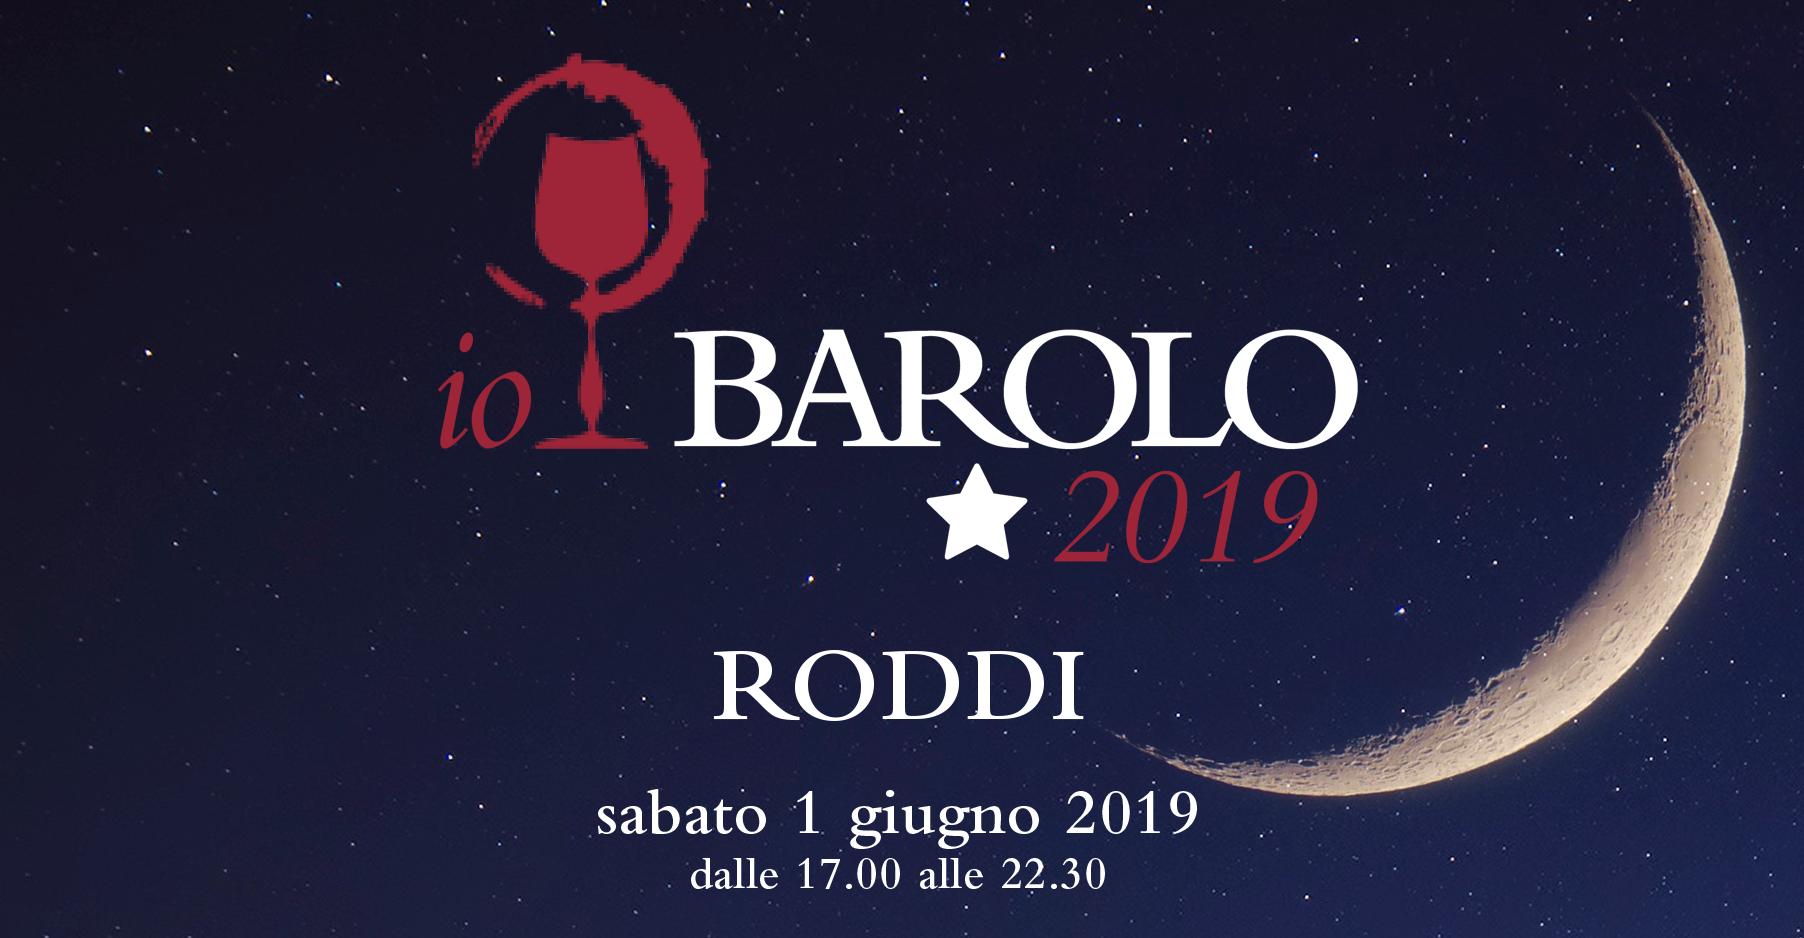 La strada del barolo - Roddi 2019